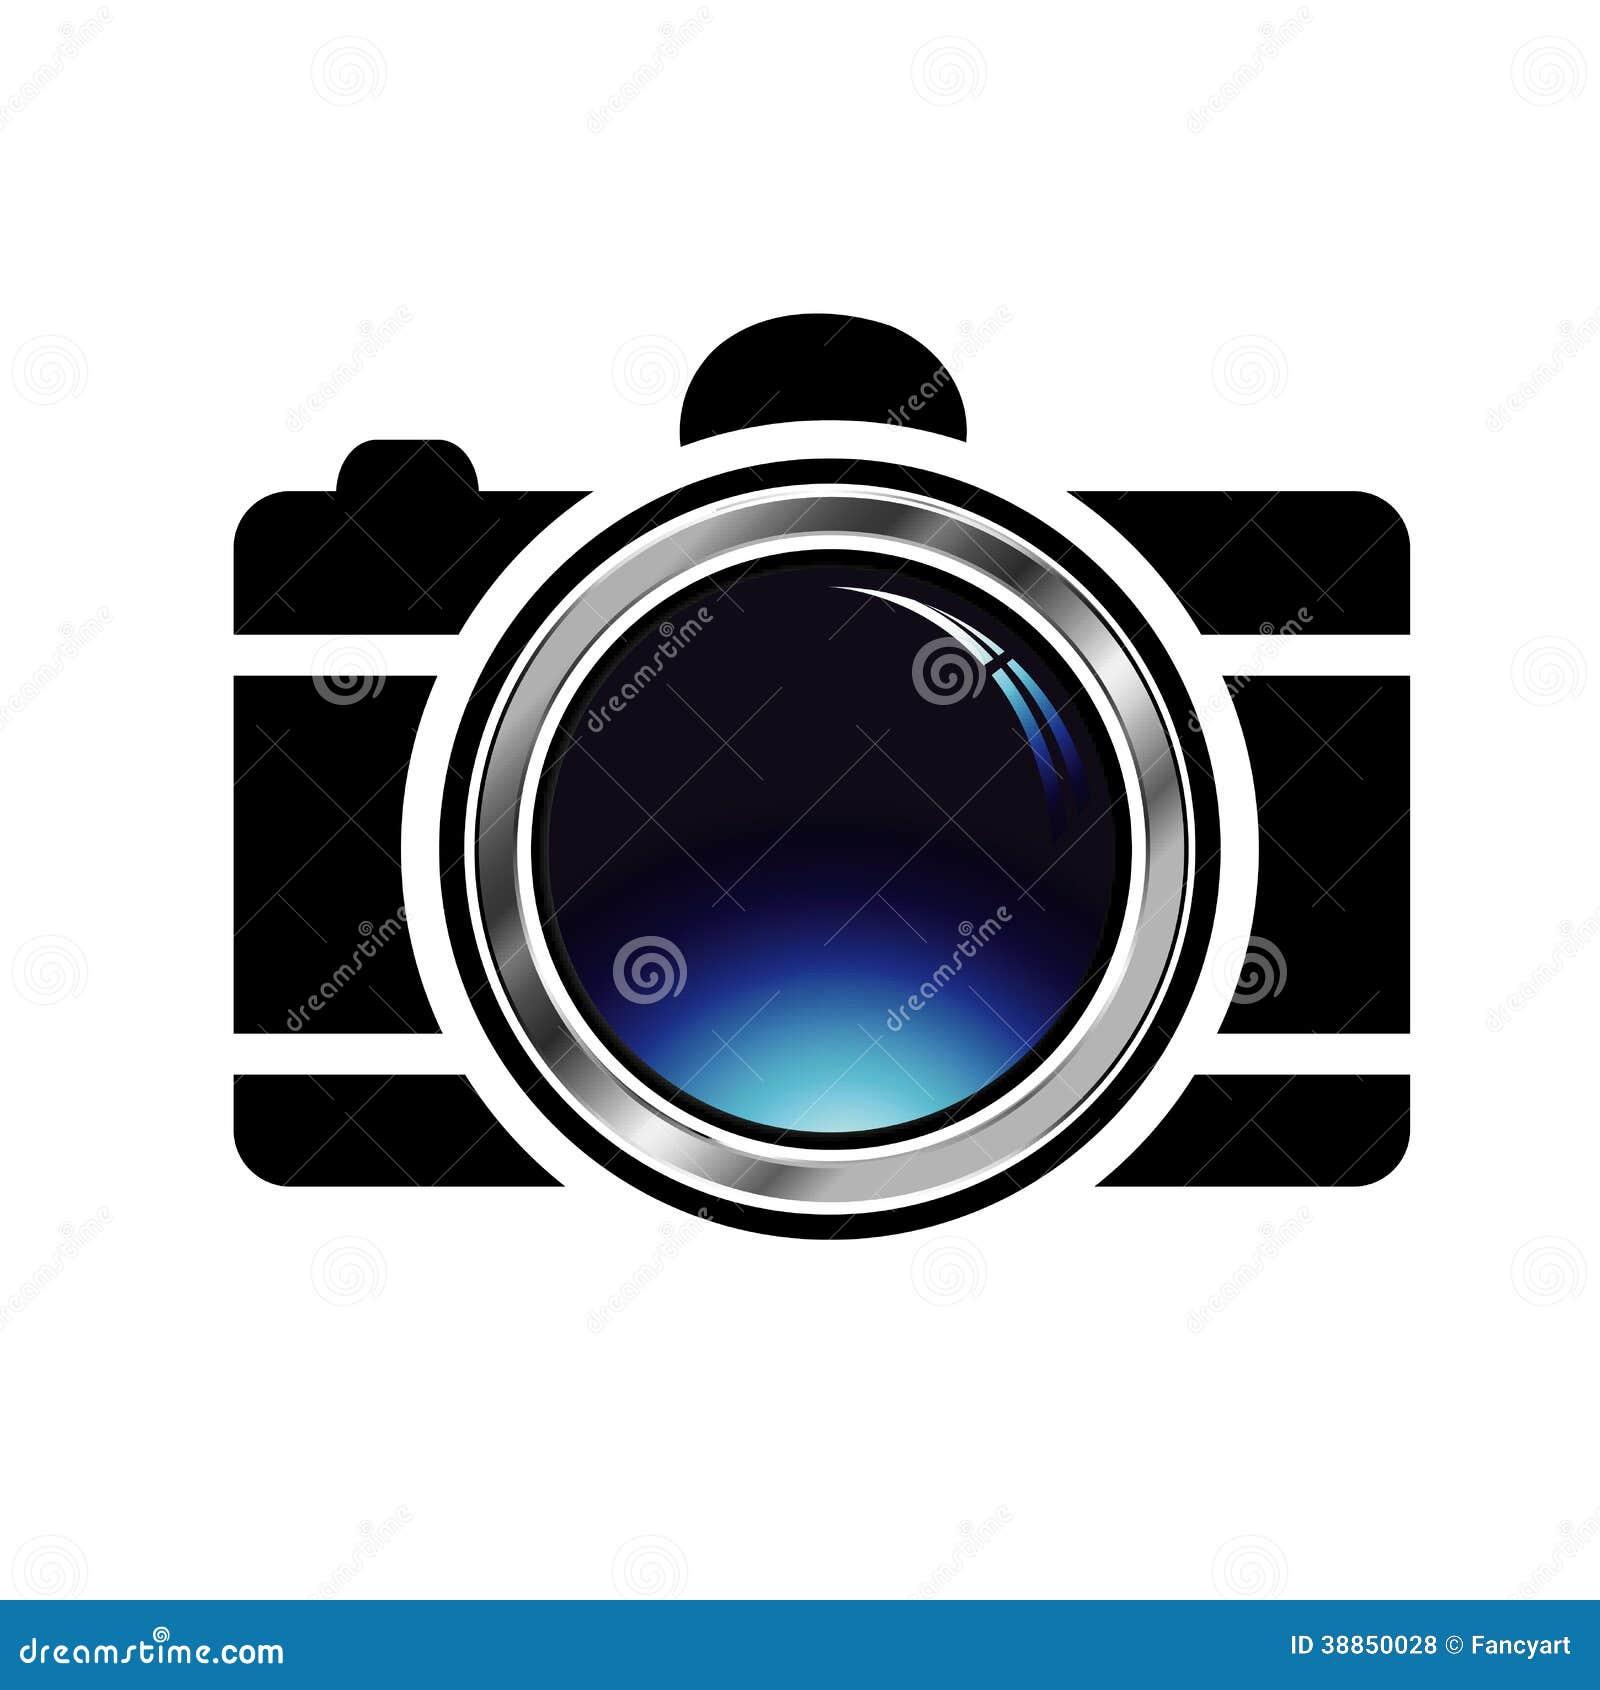 Digital Camera Logo